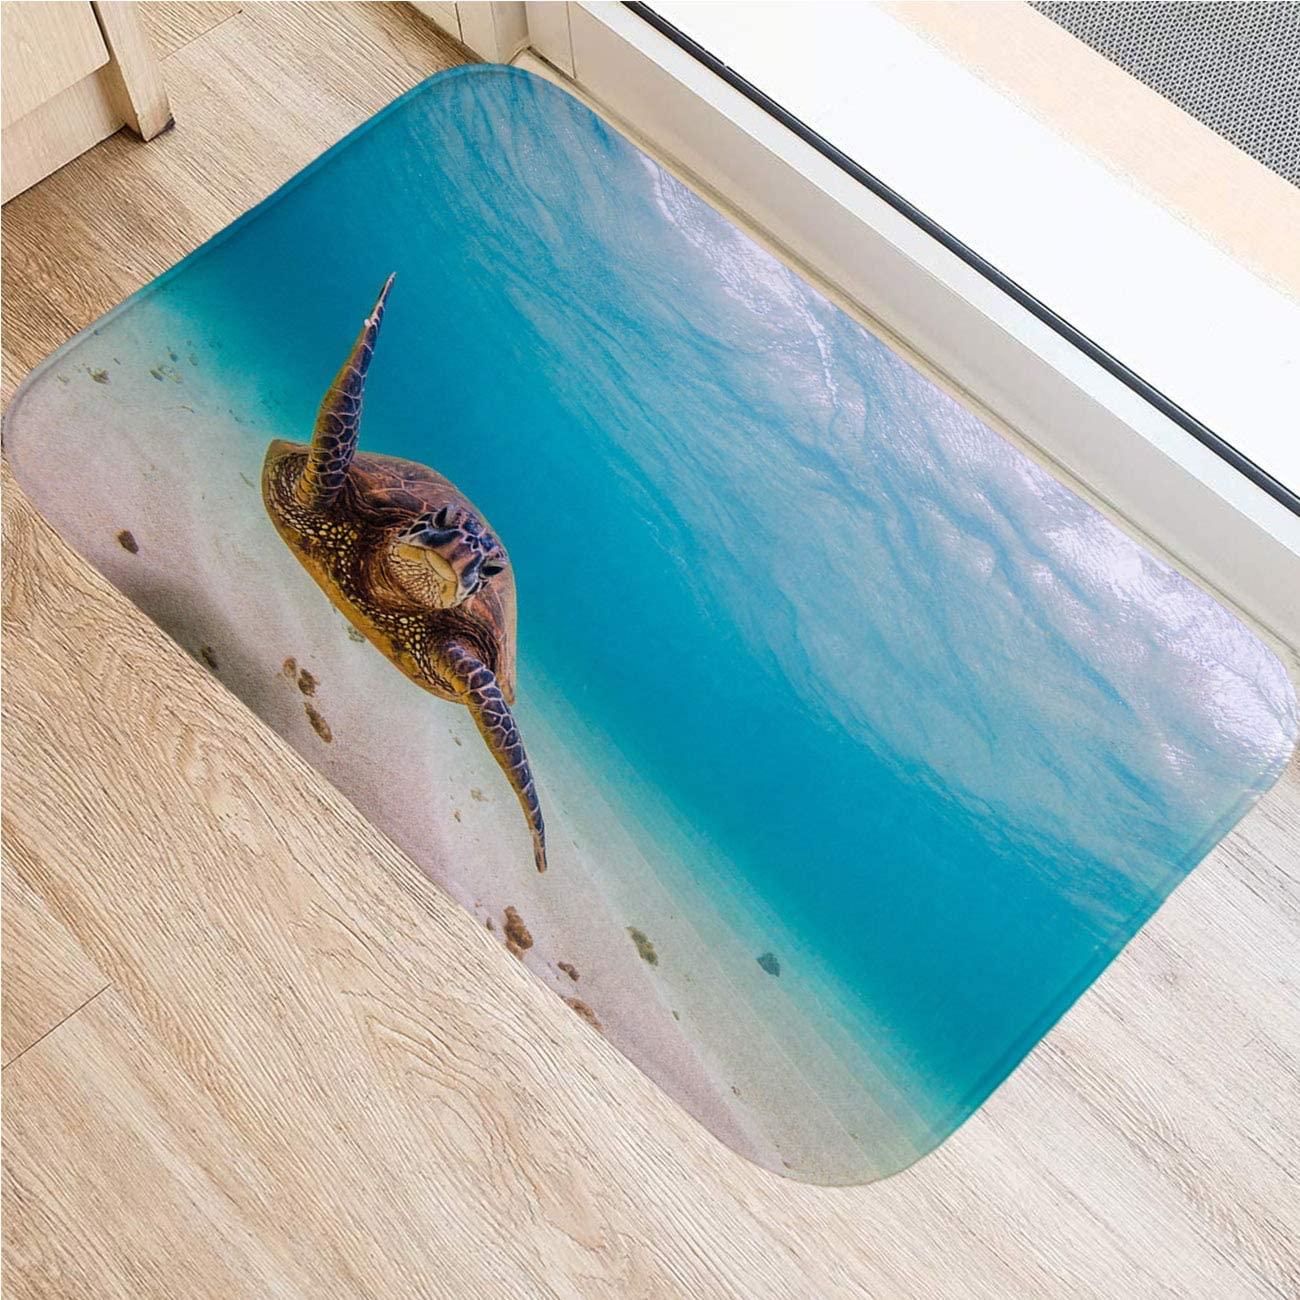 Y Heathfit Sea Turtle Outdoor Carpet,Boat Carpet,Bathroom Mats,Bath Mats for Bathroom Tub,Hawaiian Green Sea Turtle,Indoor Outdoor Kitchen Floor Carpet Front Door Mat,18x47 in